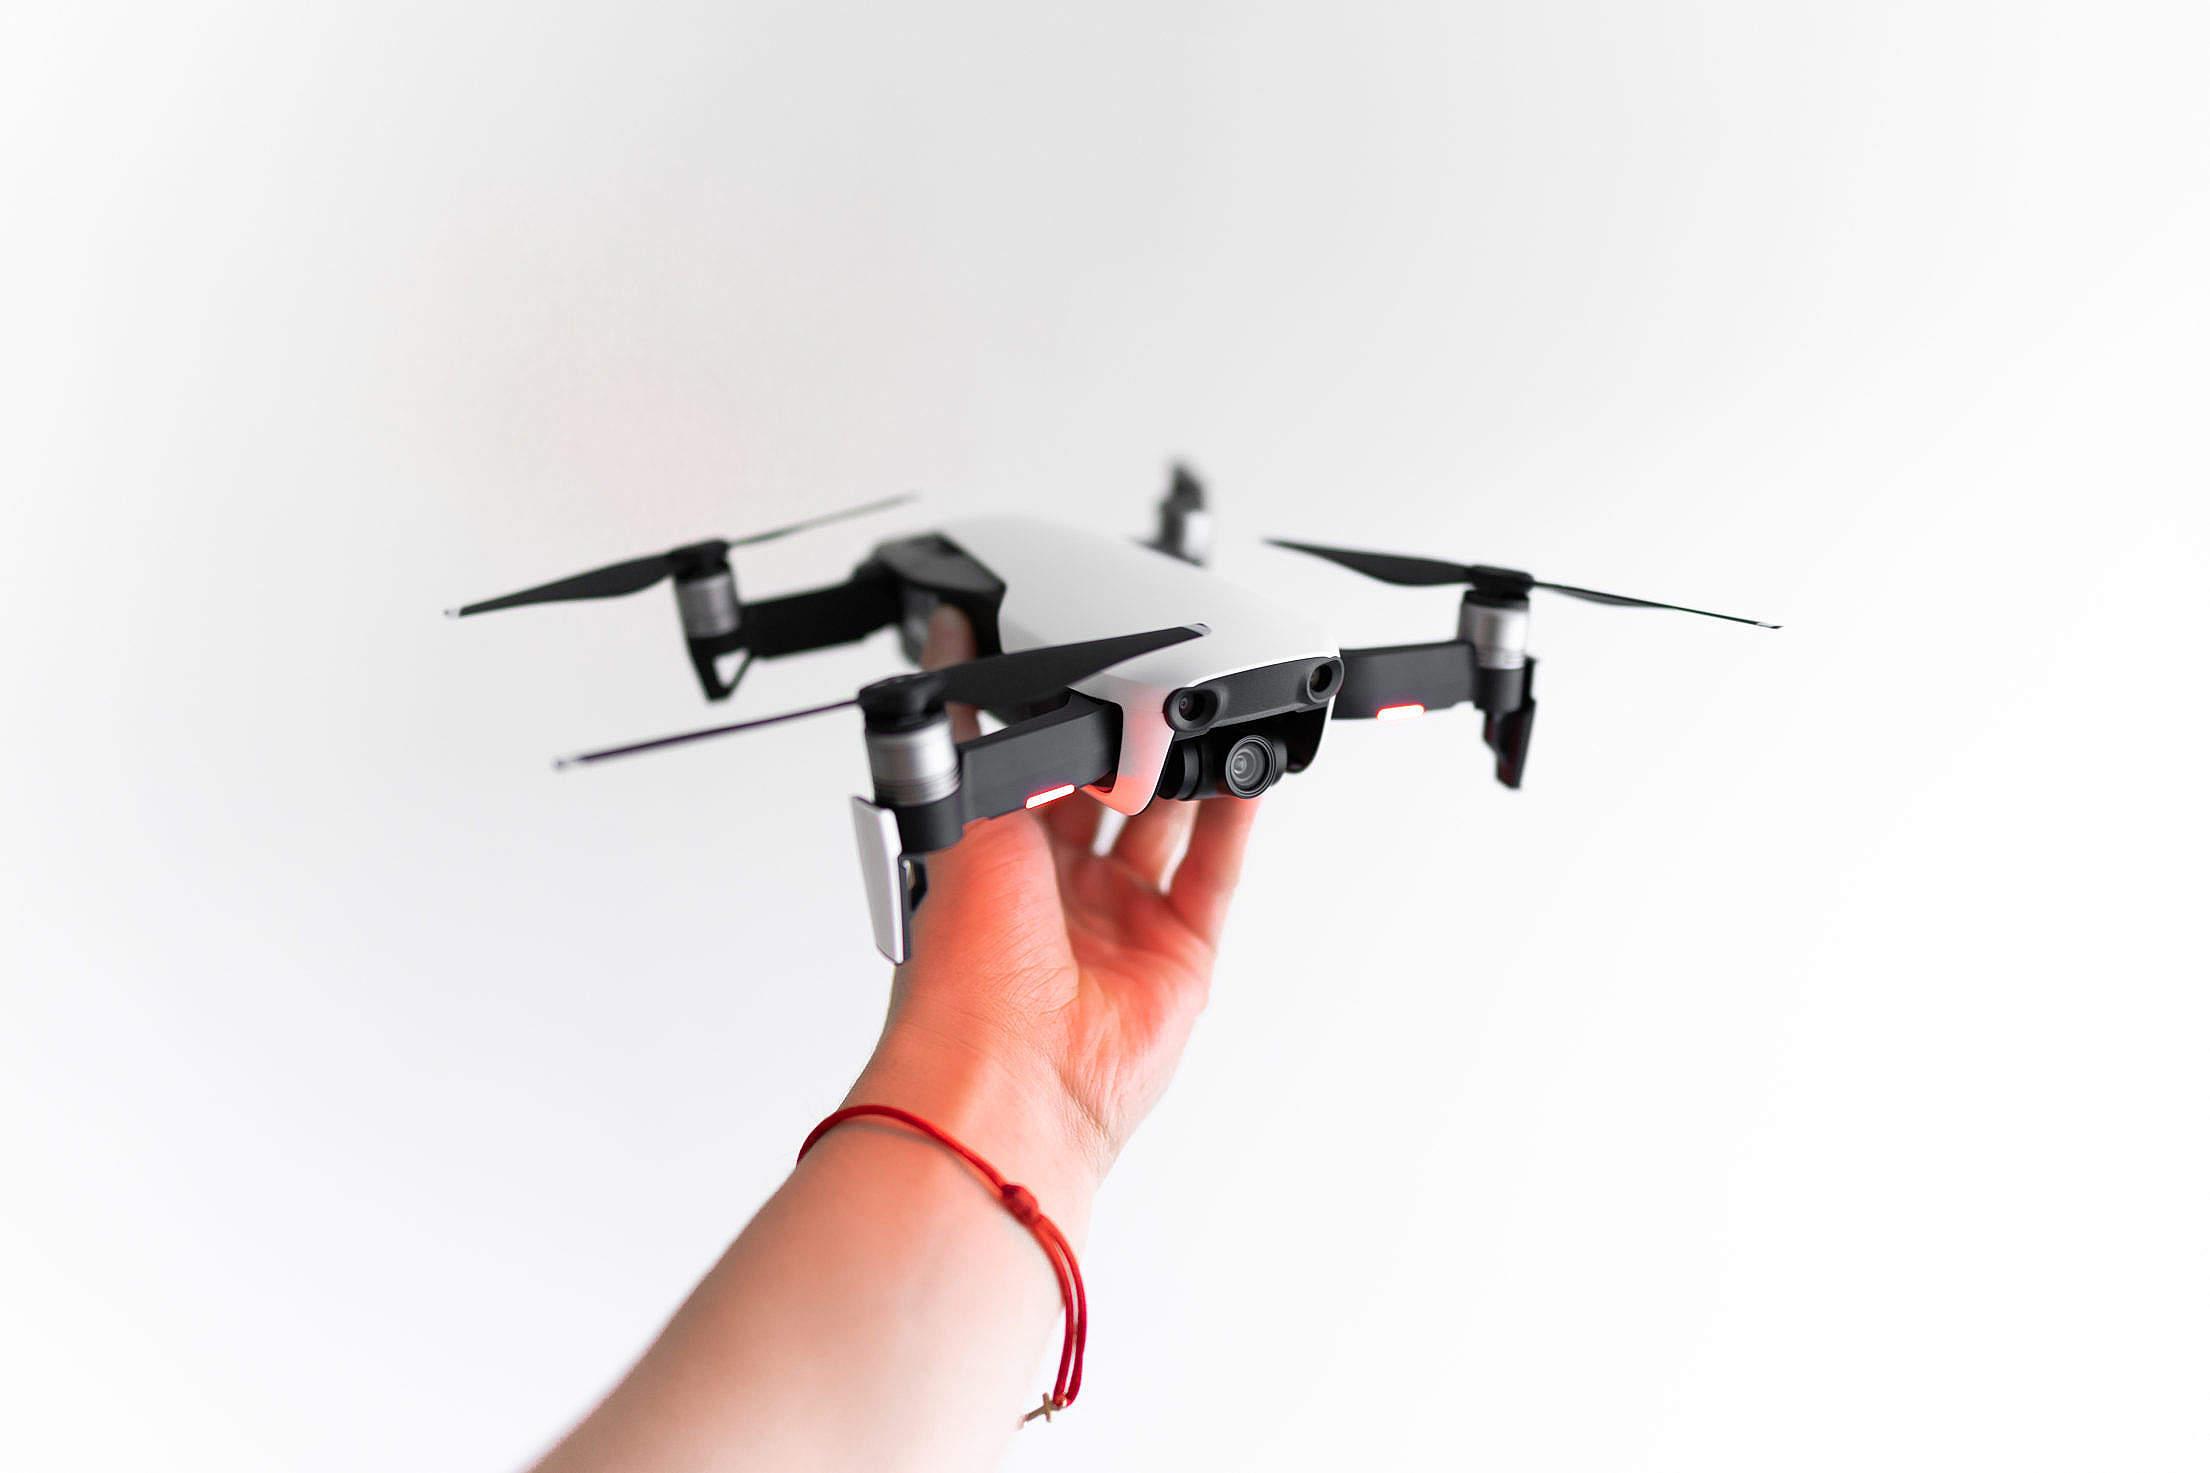 UAV Quadcopter Drone Free Stock Photo